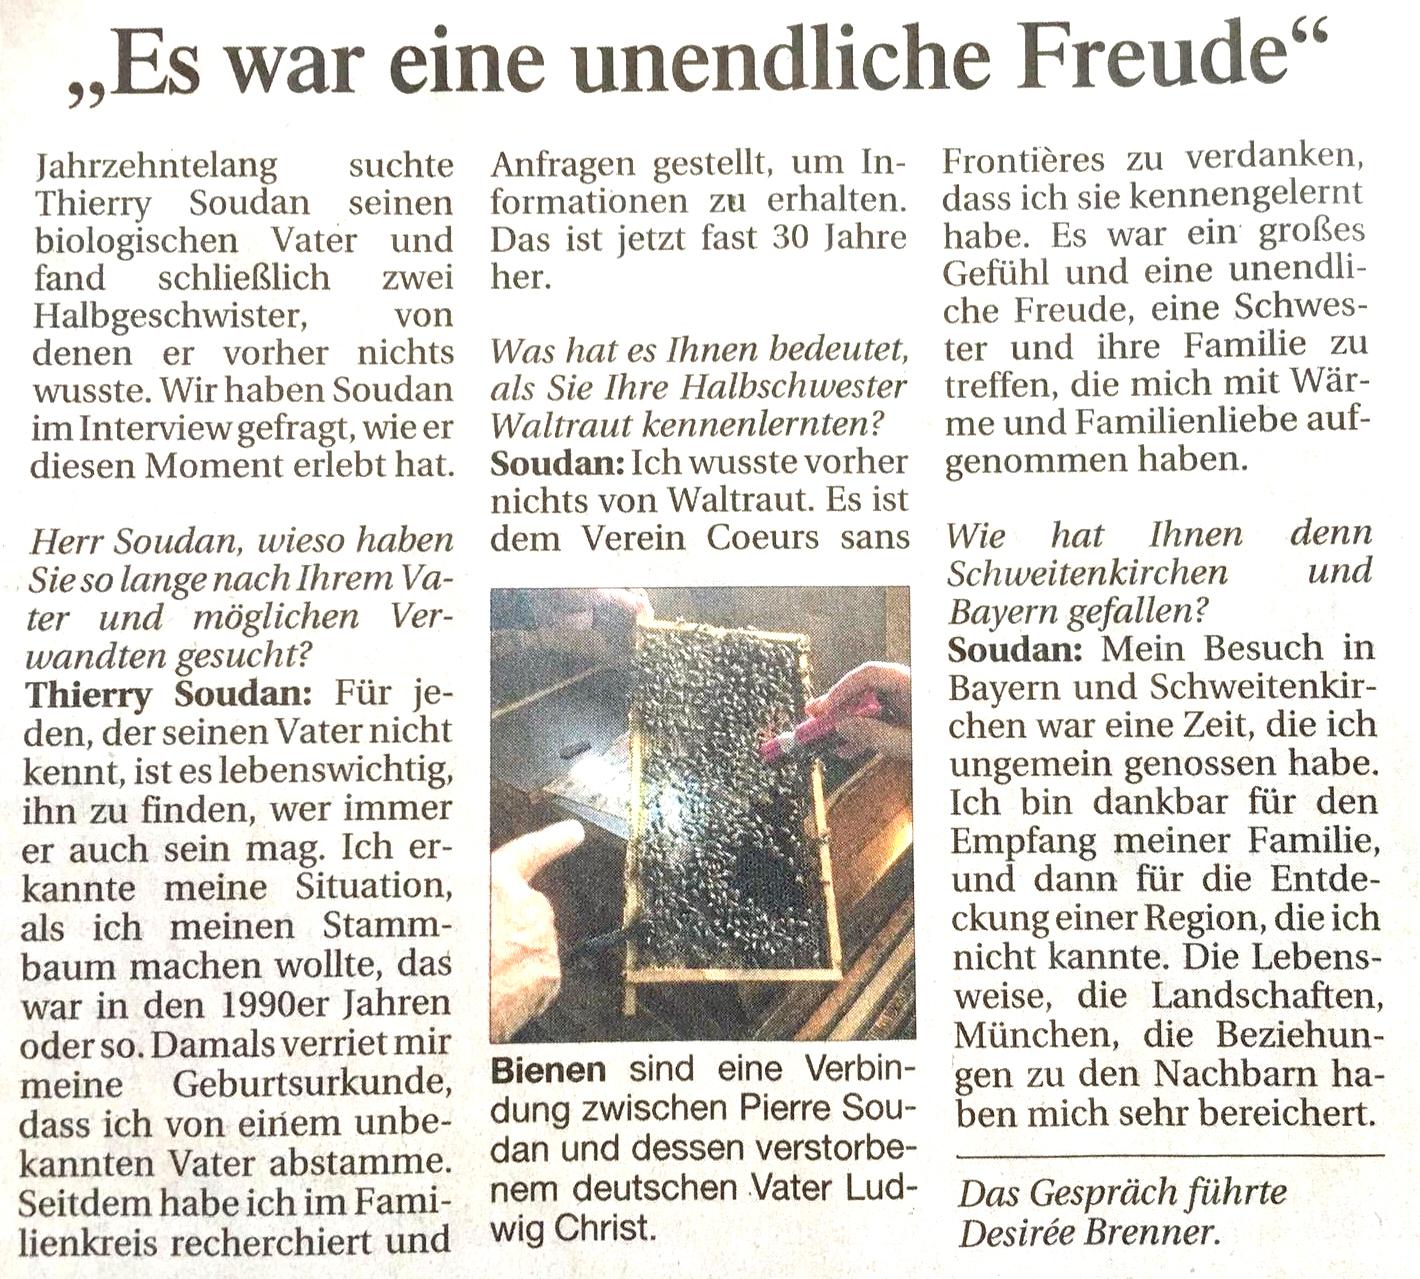 der Artikel von Stefan SESSLER Münchner Merkur aus München